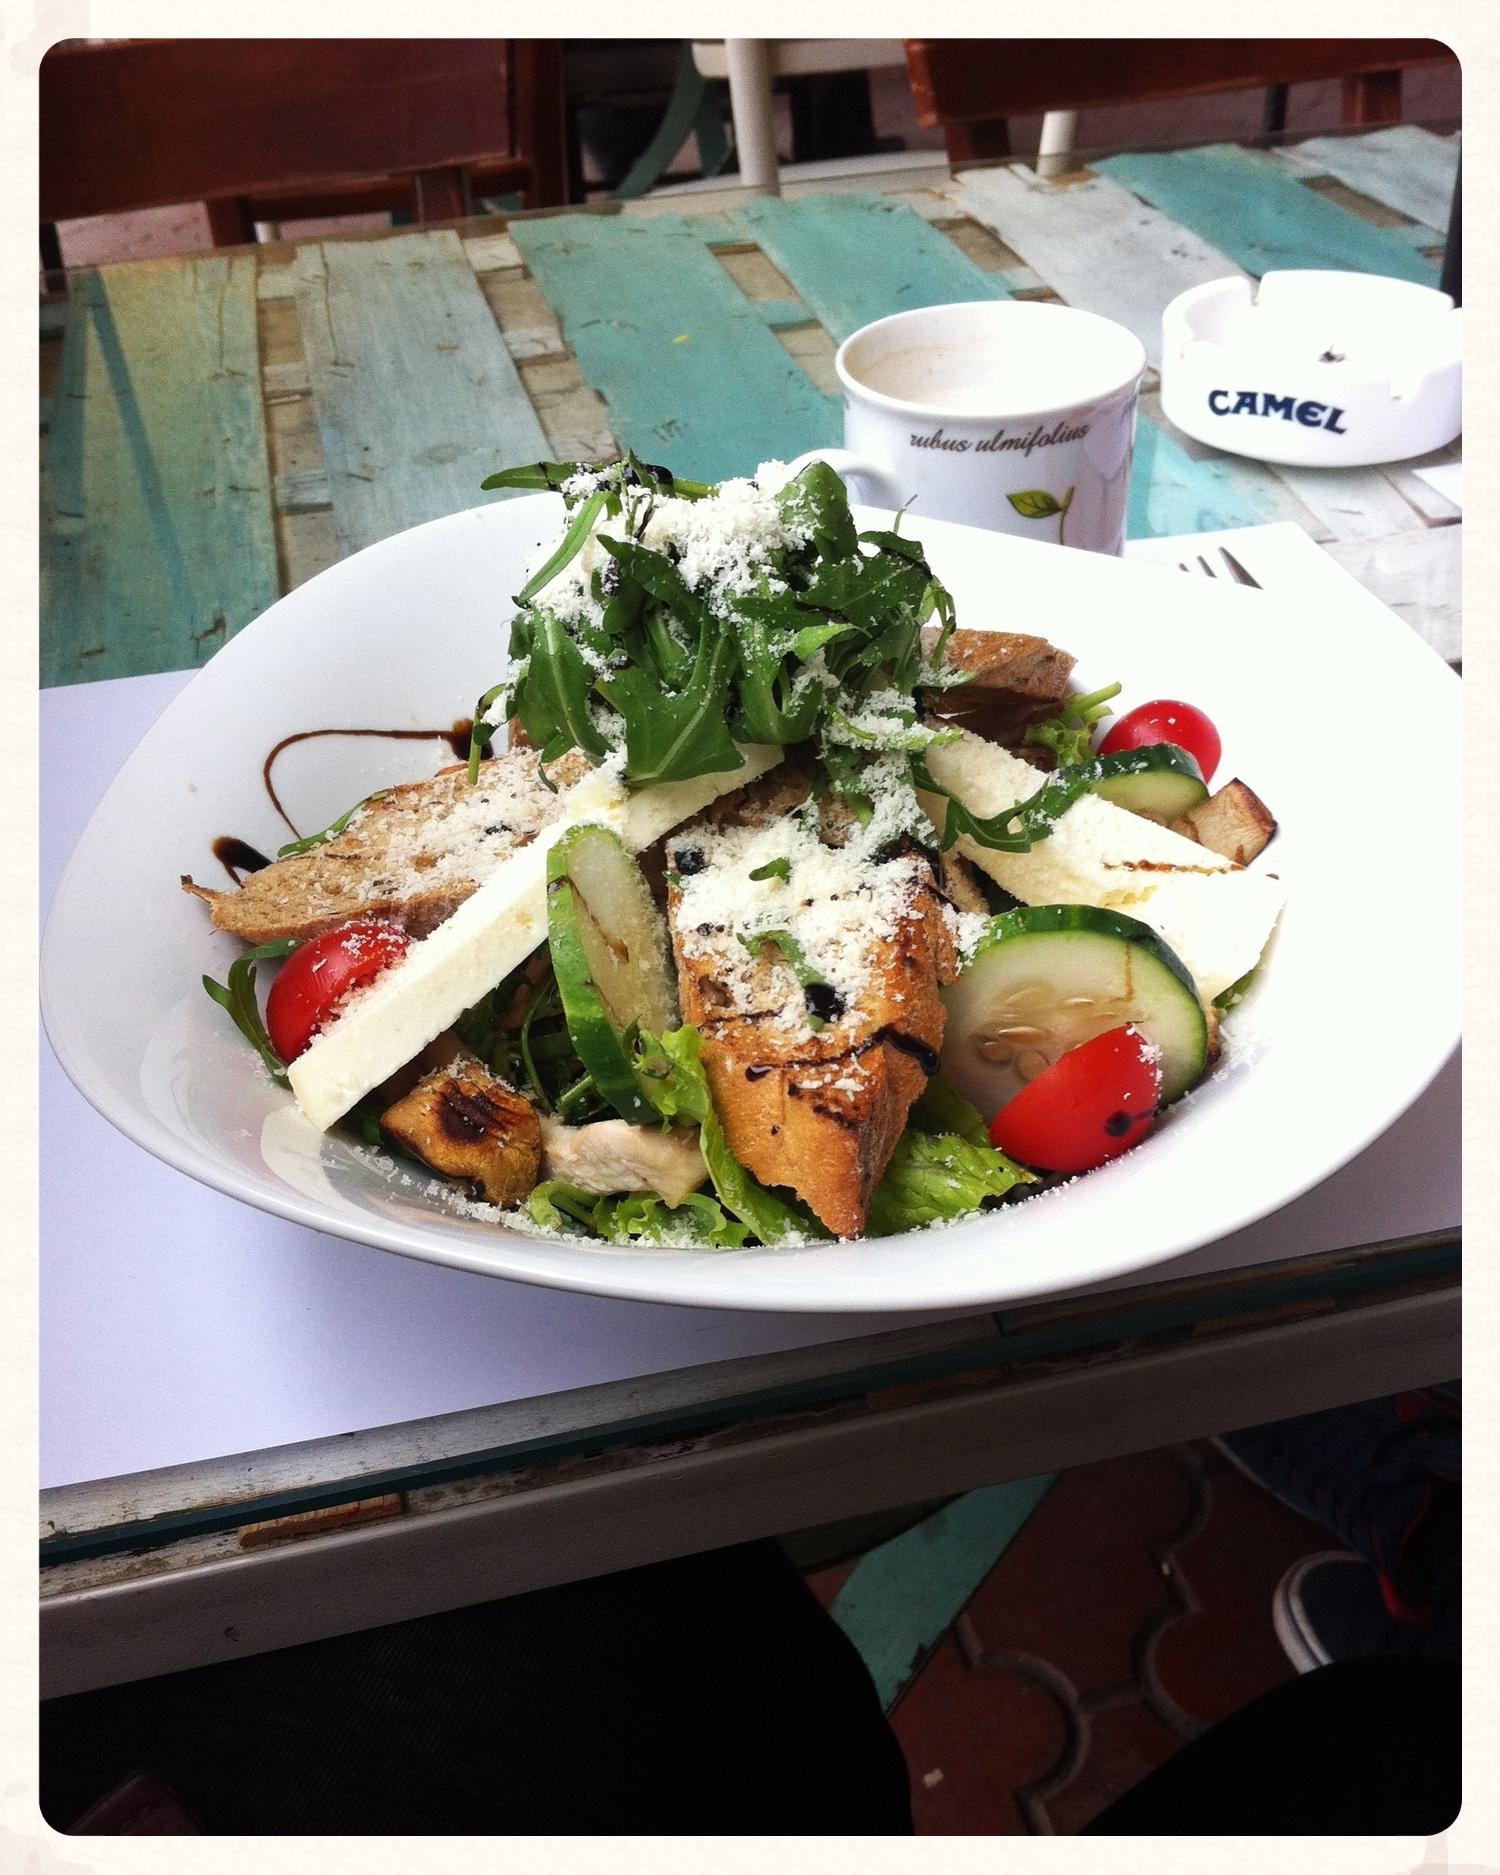 Mijn eerste maaltijd was een kipsalade voor lunch bij  Tezga . Lekker met rucola, tomaatjes, komkommer en harde geitenkaas, die ik grotendeels heb laten liggen om de calorieën, boo.